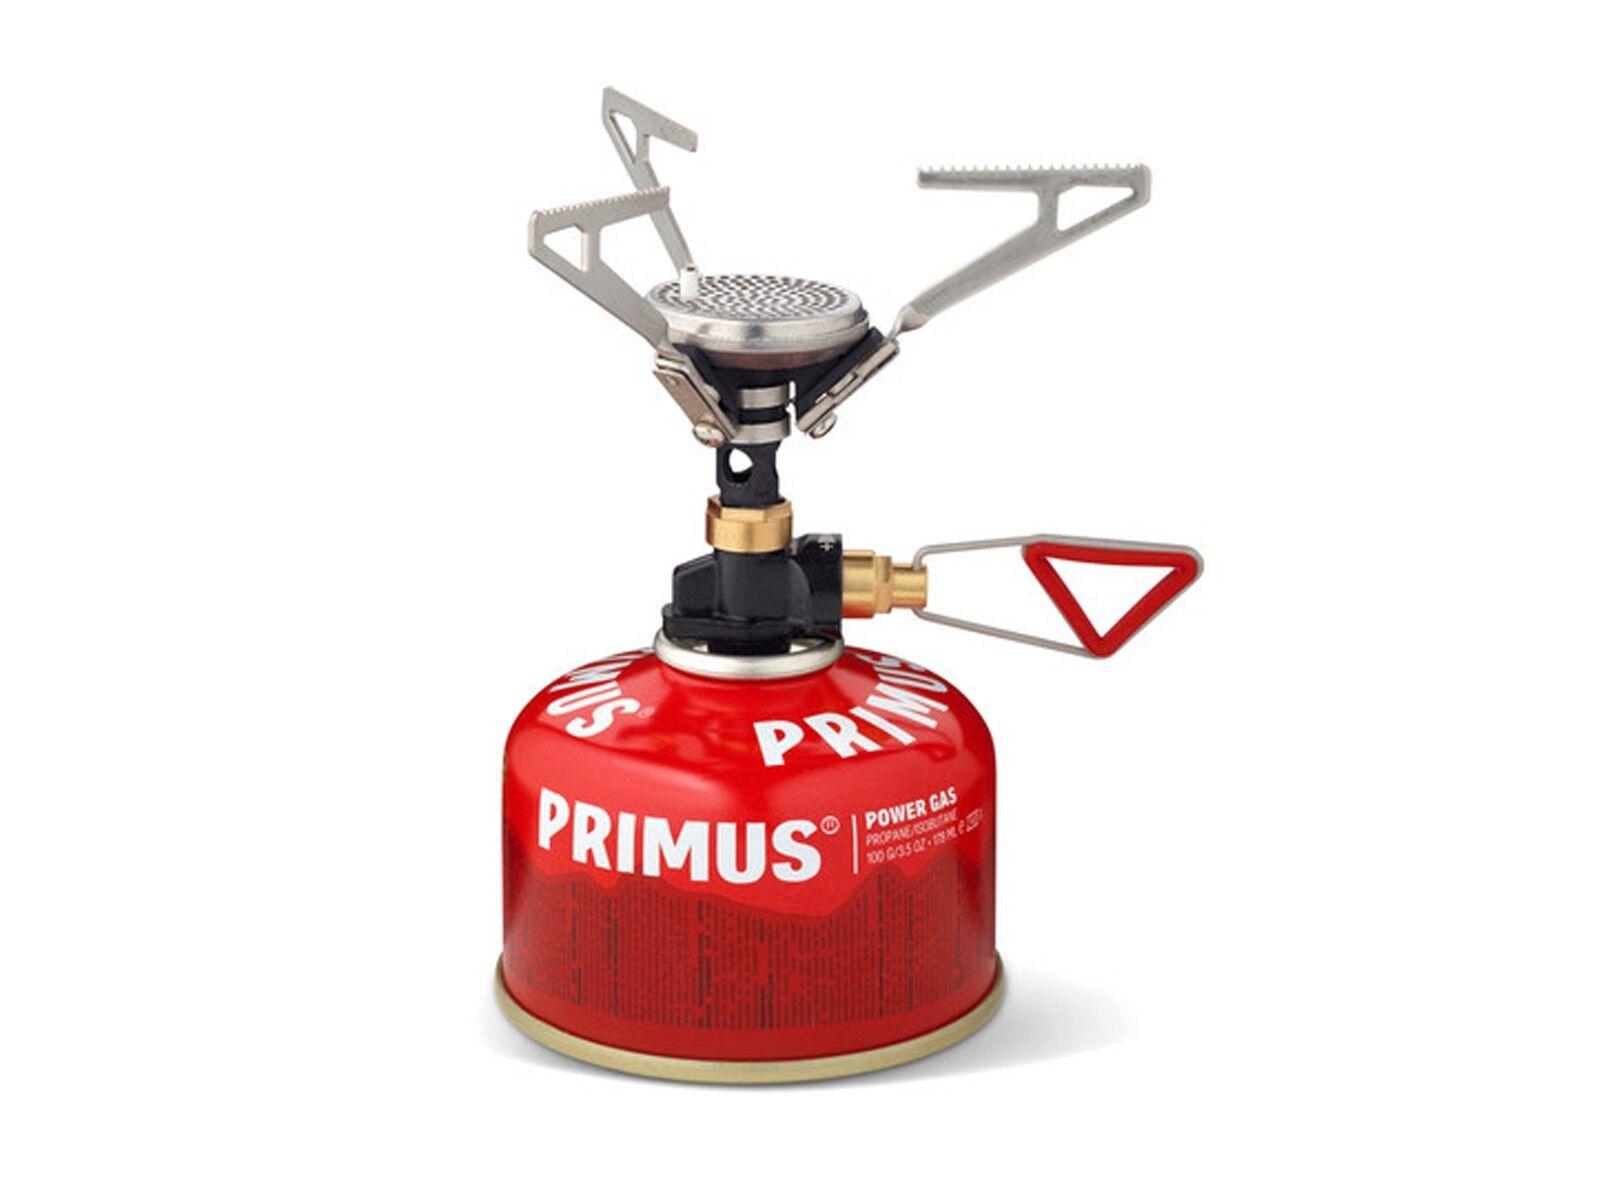 FORNELLO CAMPEGGIO  PRIMUS  321454  MICRON TRAIL .